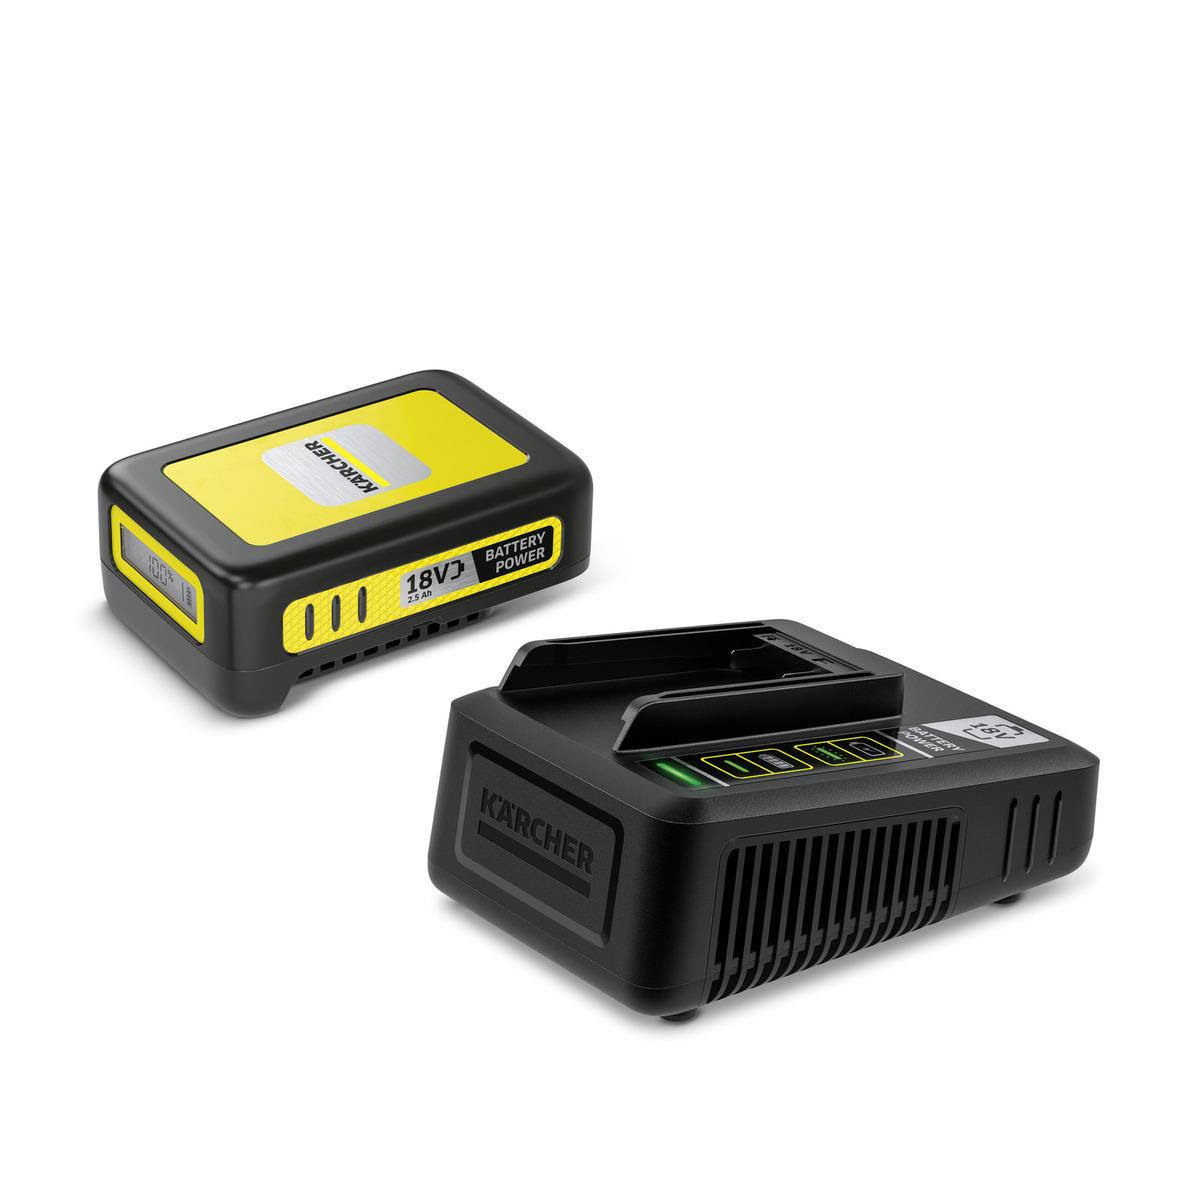 Kärcher Súprava batérie a rýchlonabíjačky 18 V/ 2,5 Ah